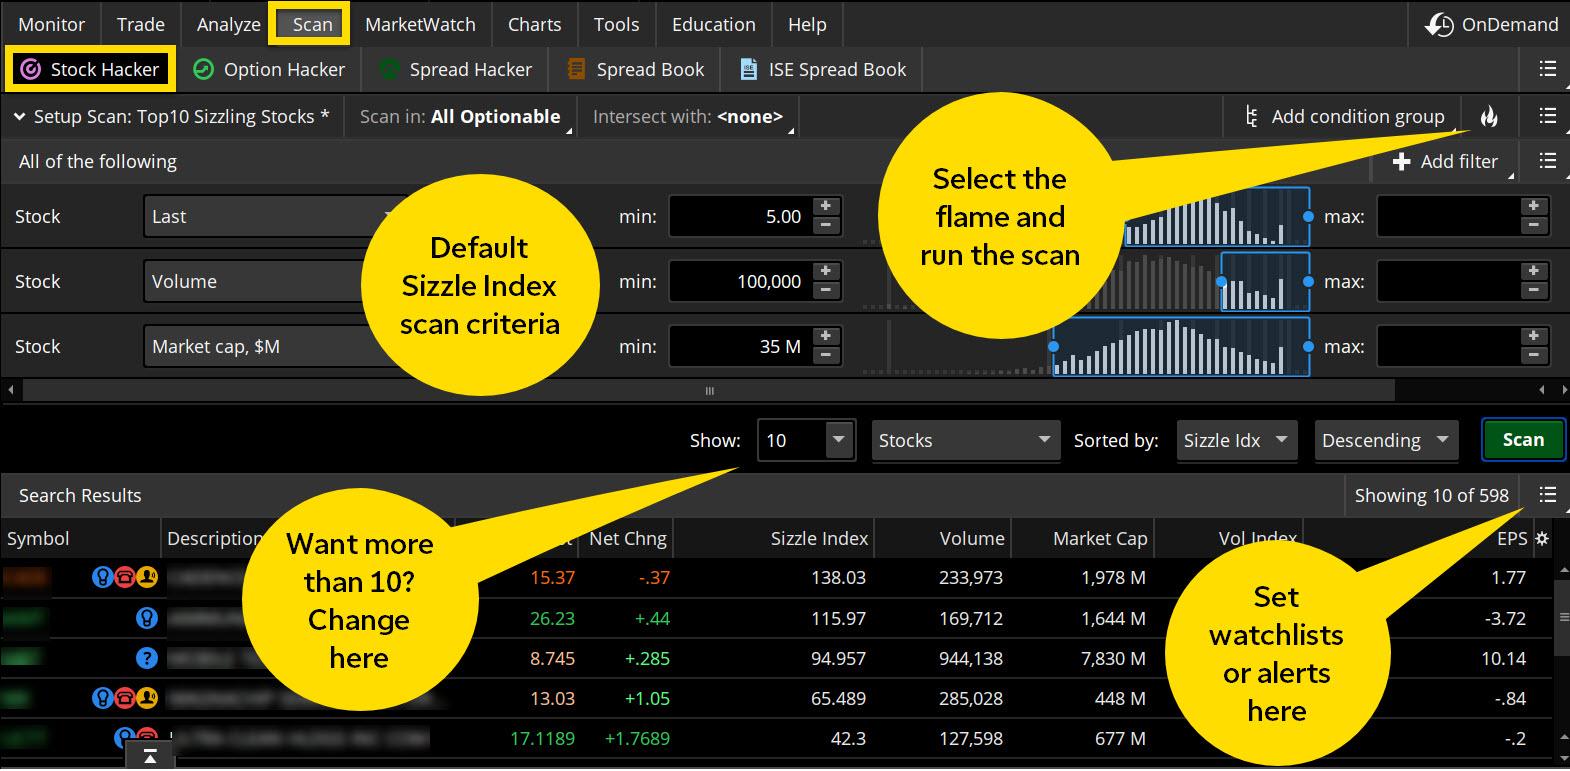 thinkorswim pentru opțiuni binare cum să creați propriul mod de a câștiga bani pe Internet